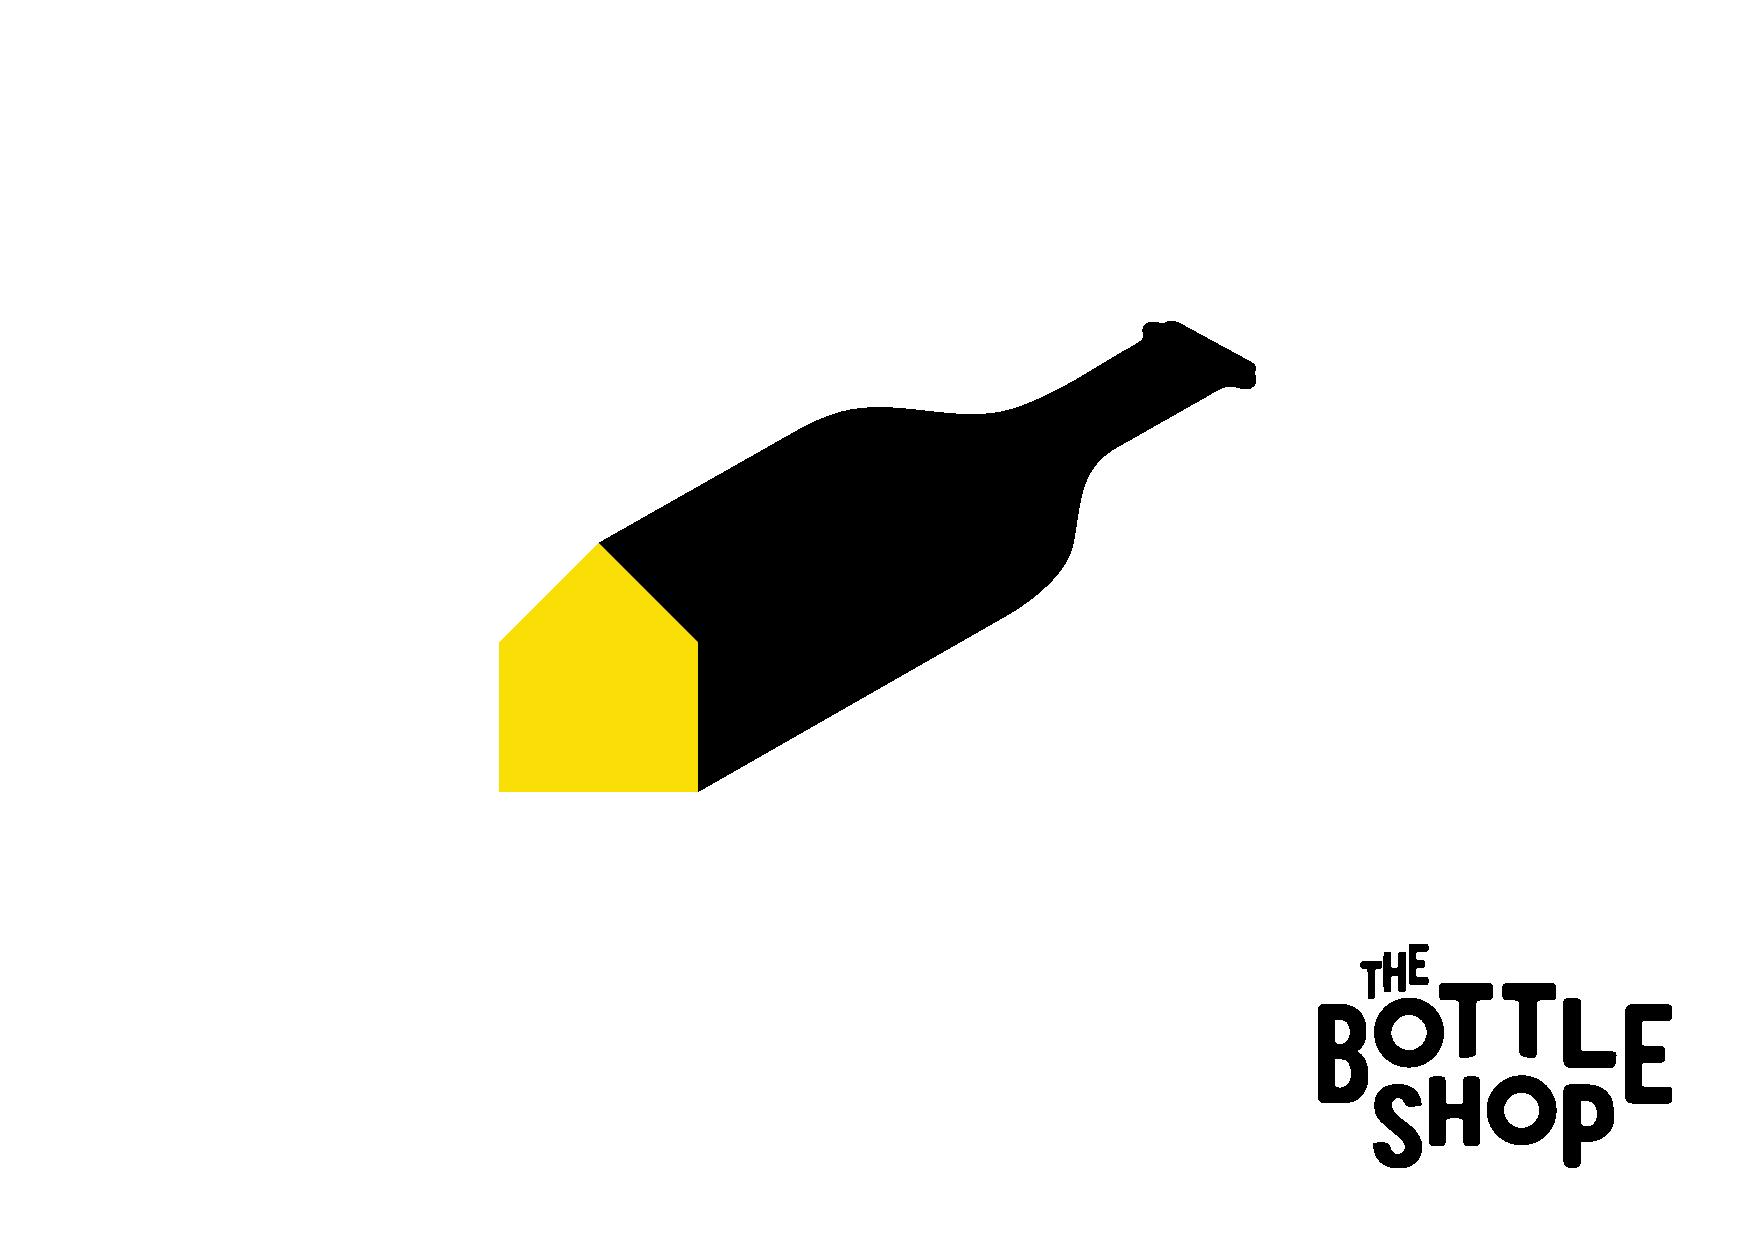 LOGO DESIGN FOR THE BOTTLE SHOP - 2017